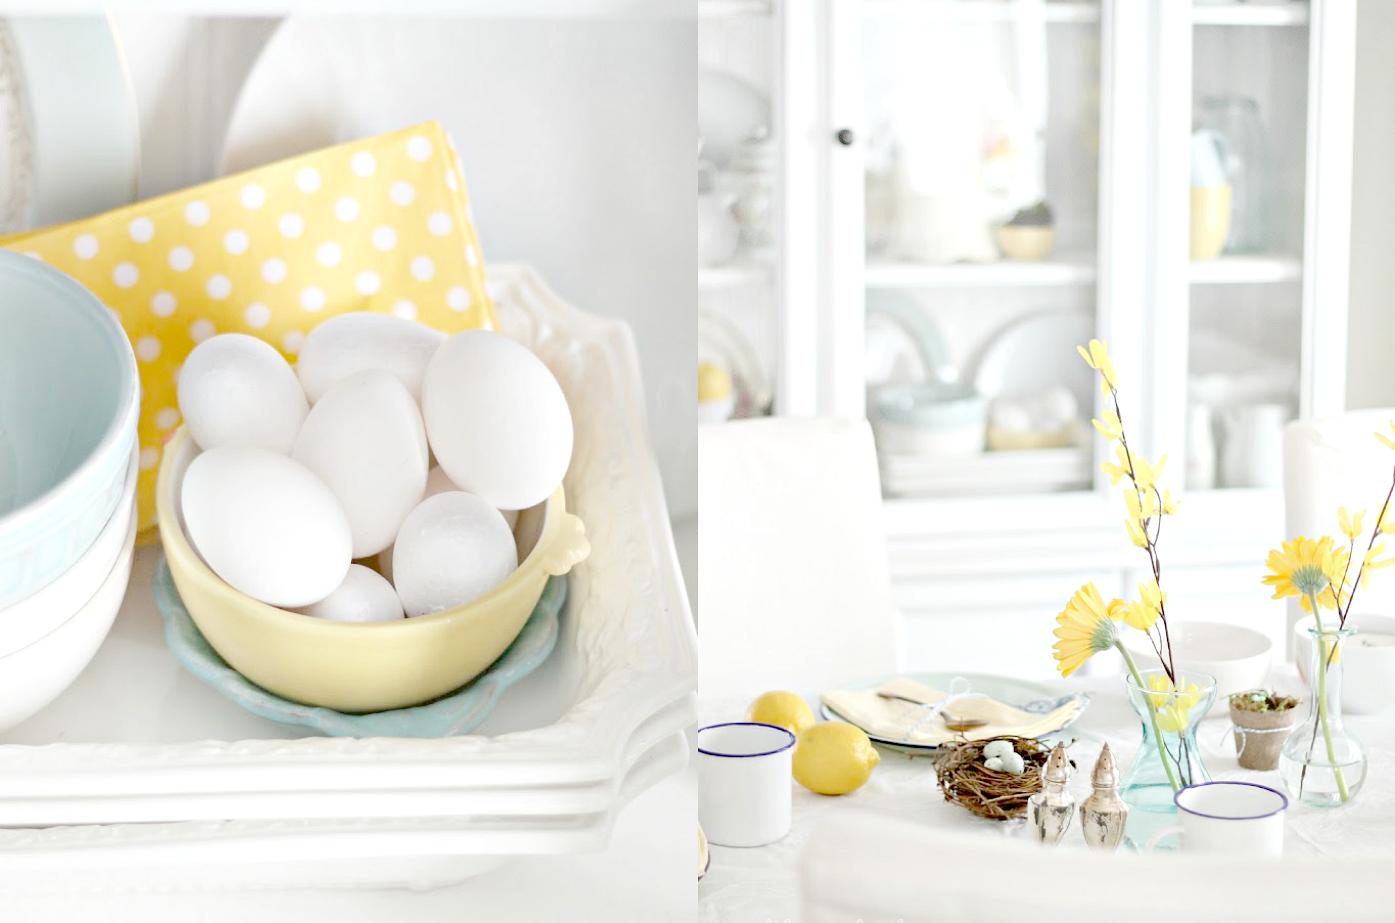 Wielkanoc w kolorze żółtym